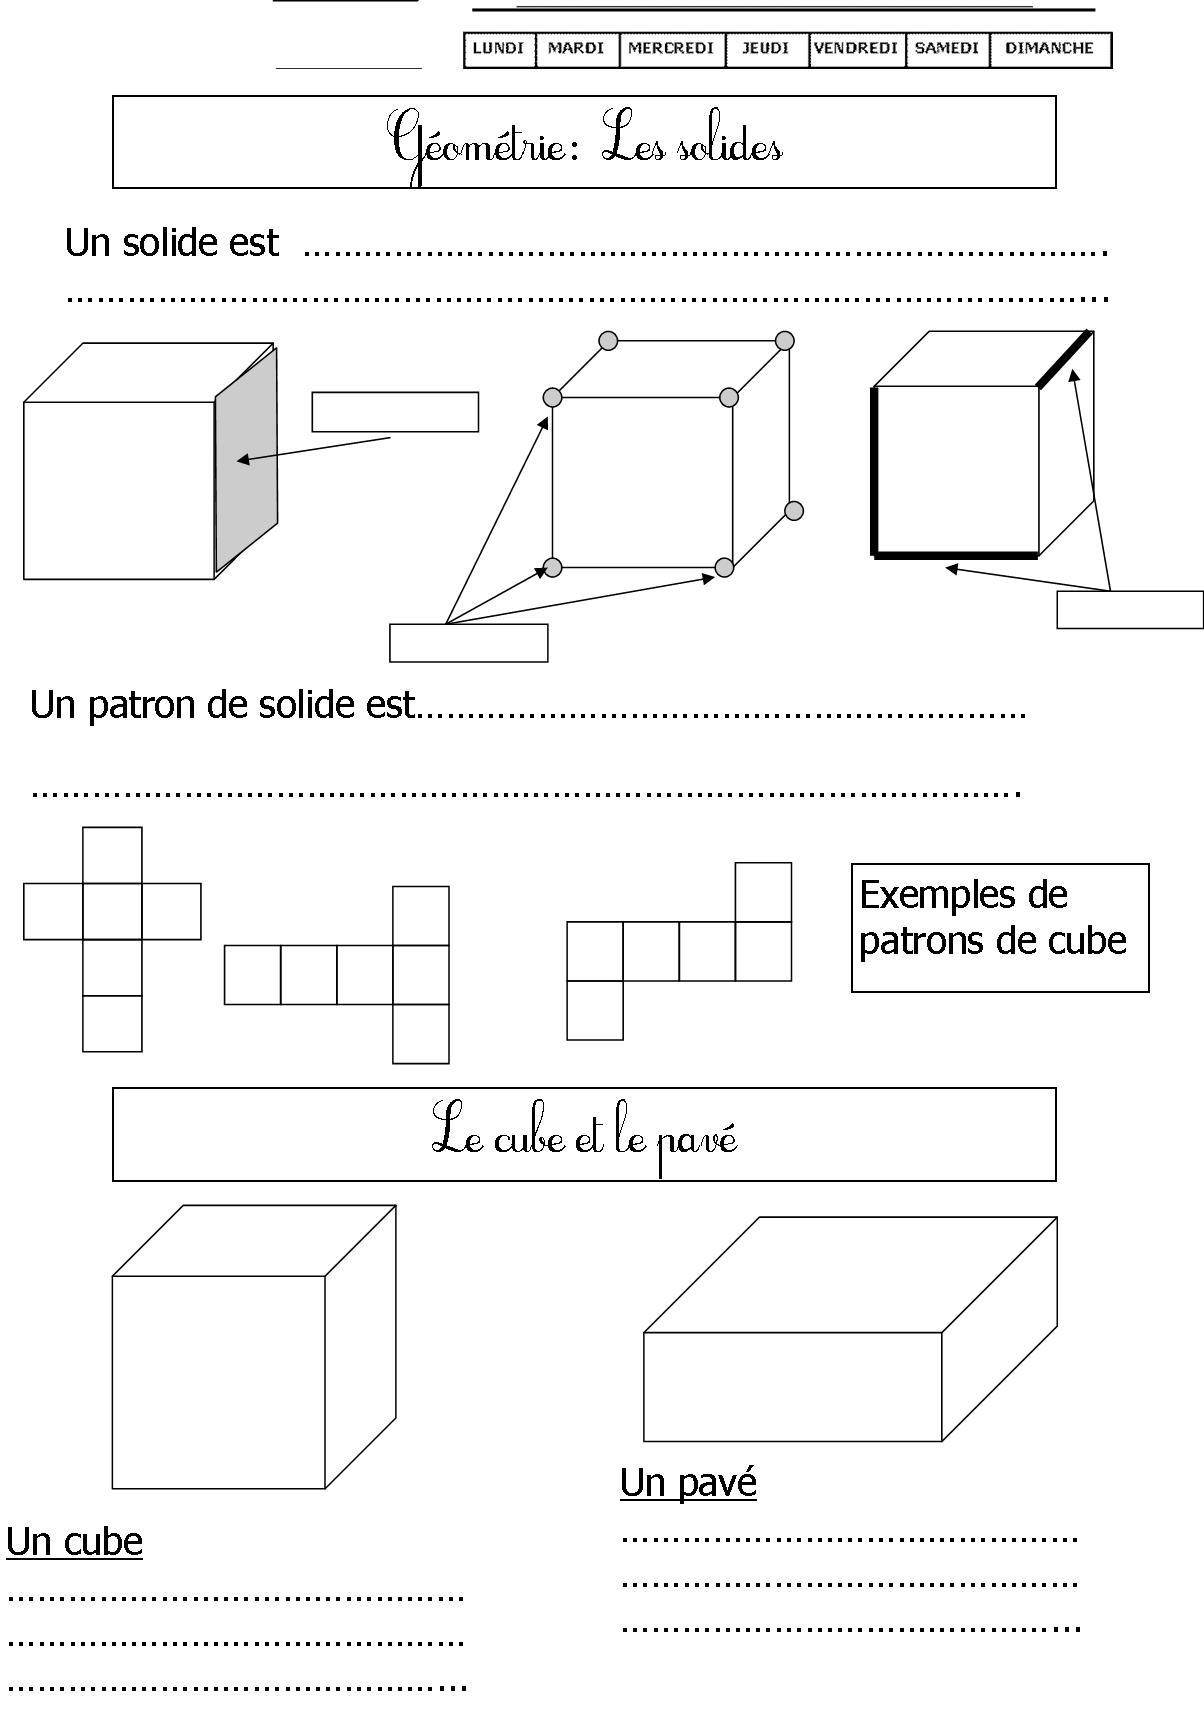 Géométrie Ce1 | Le Blog De Monsieur Mathieu dedans Exercice Reproduction Sur Quadrillage Ce1